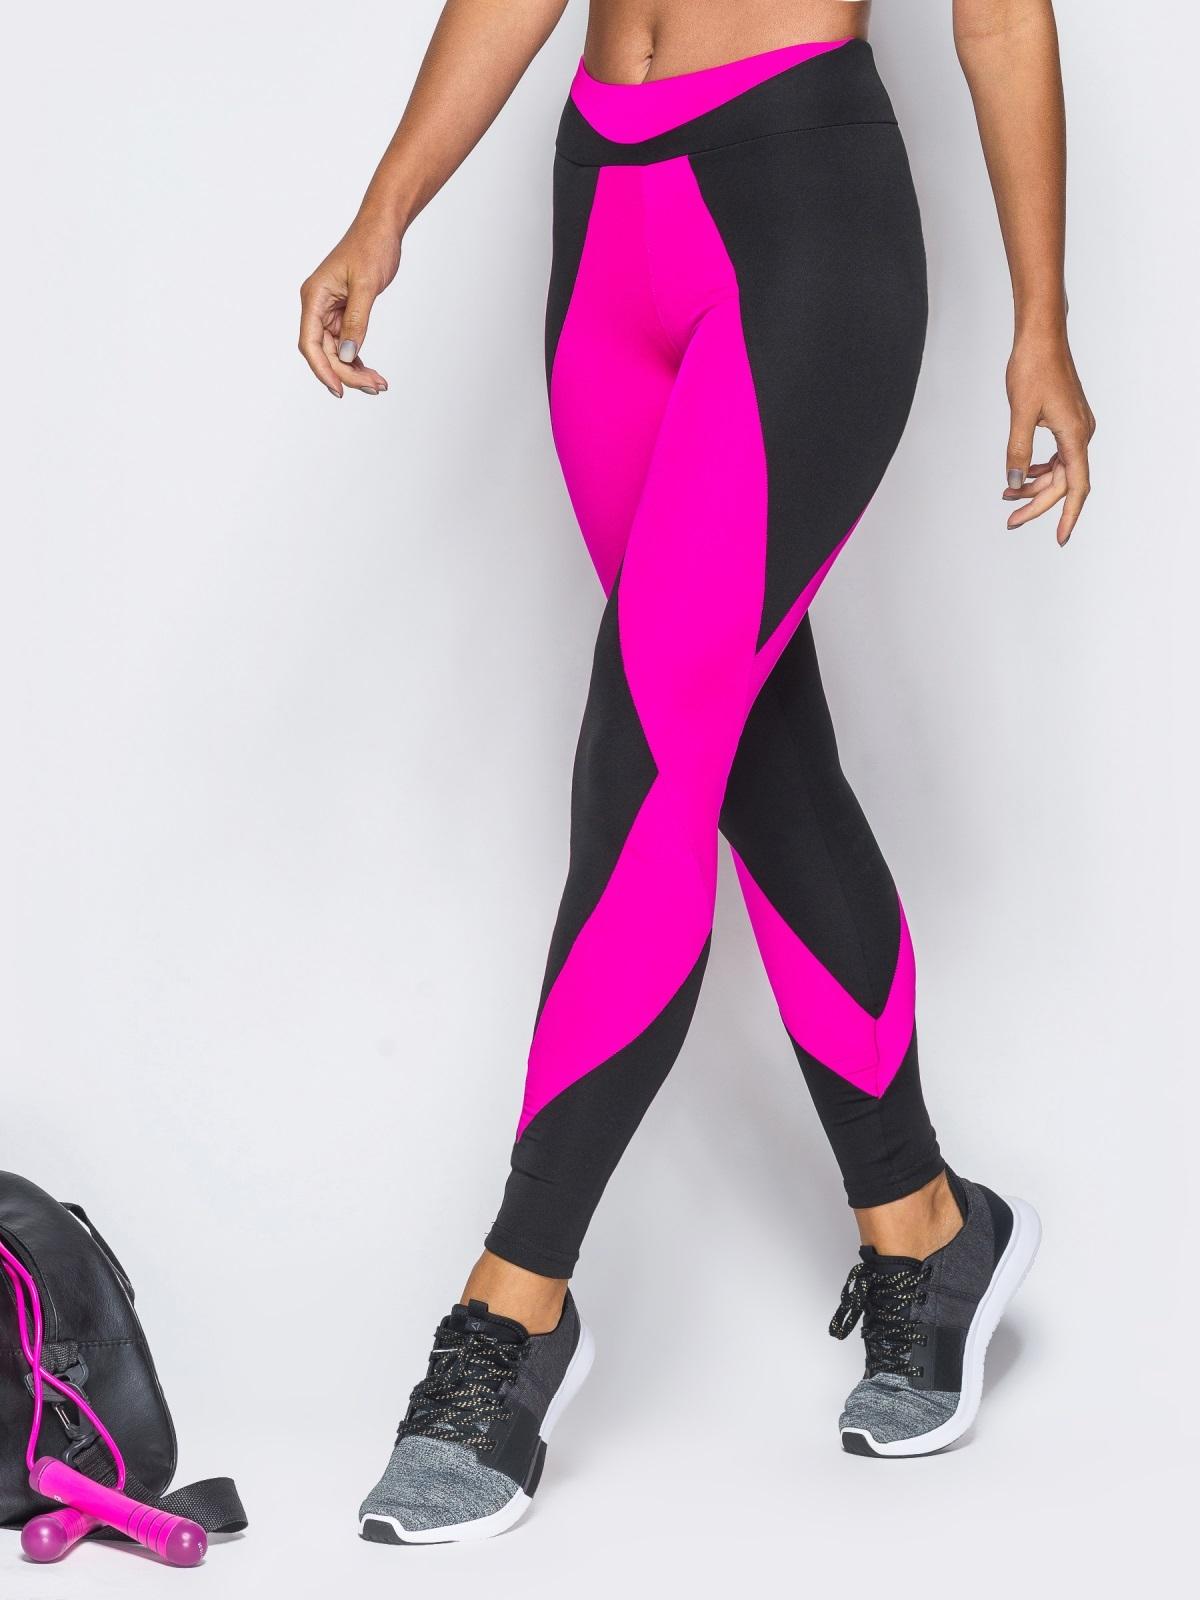 Спортивные лосины с широким поясом и розовыми вставками - 17190, фото 1 – интернет-магазин Dressa